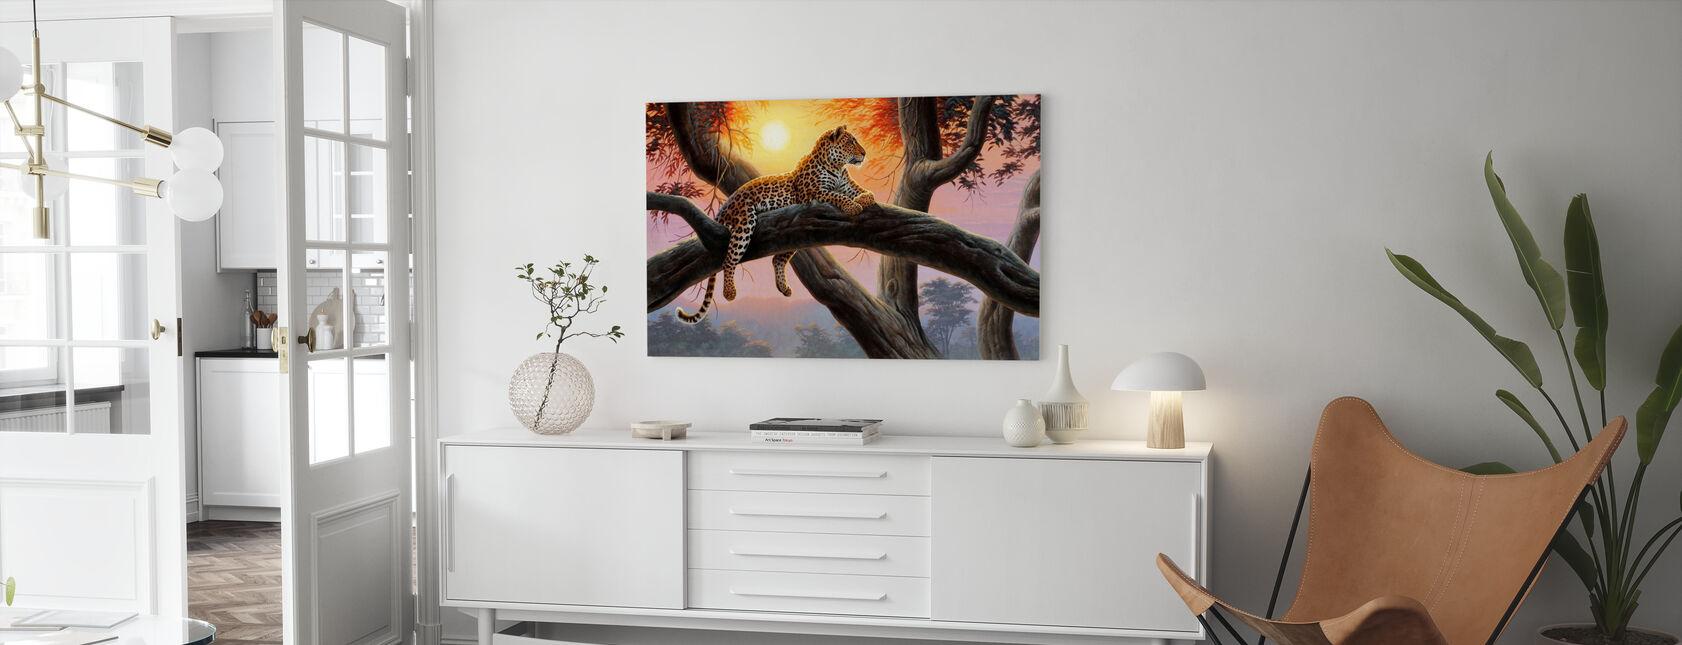 Avondhorloge - Luipaard - Canvas print - Woonkamer